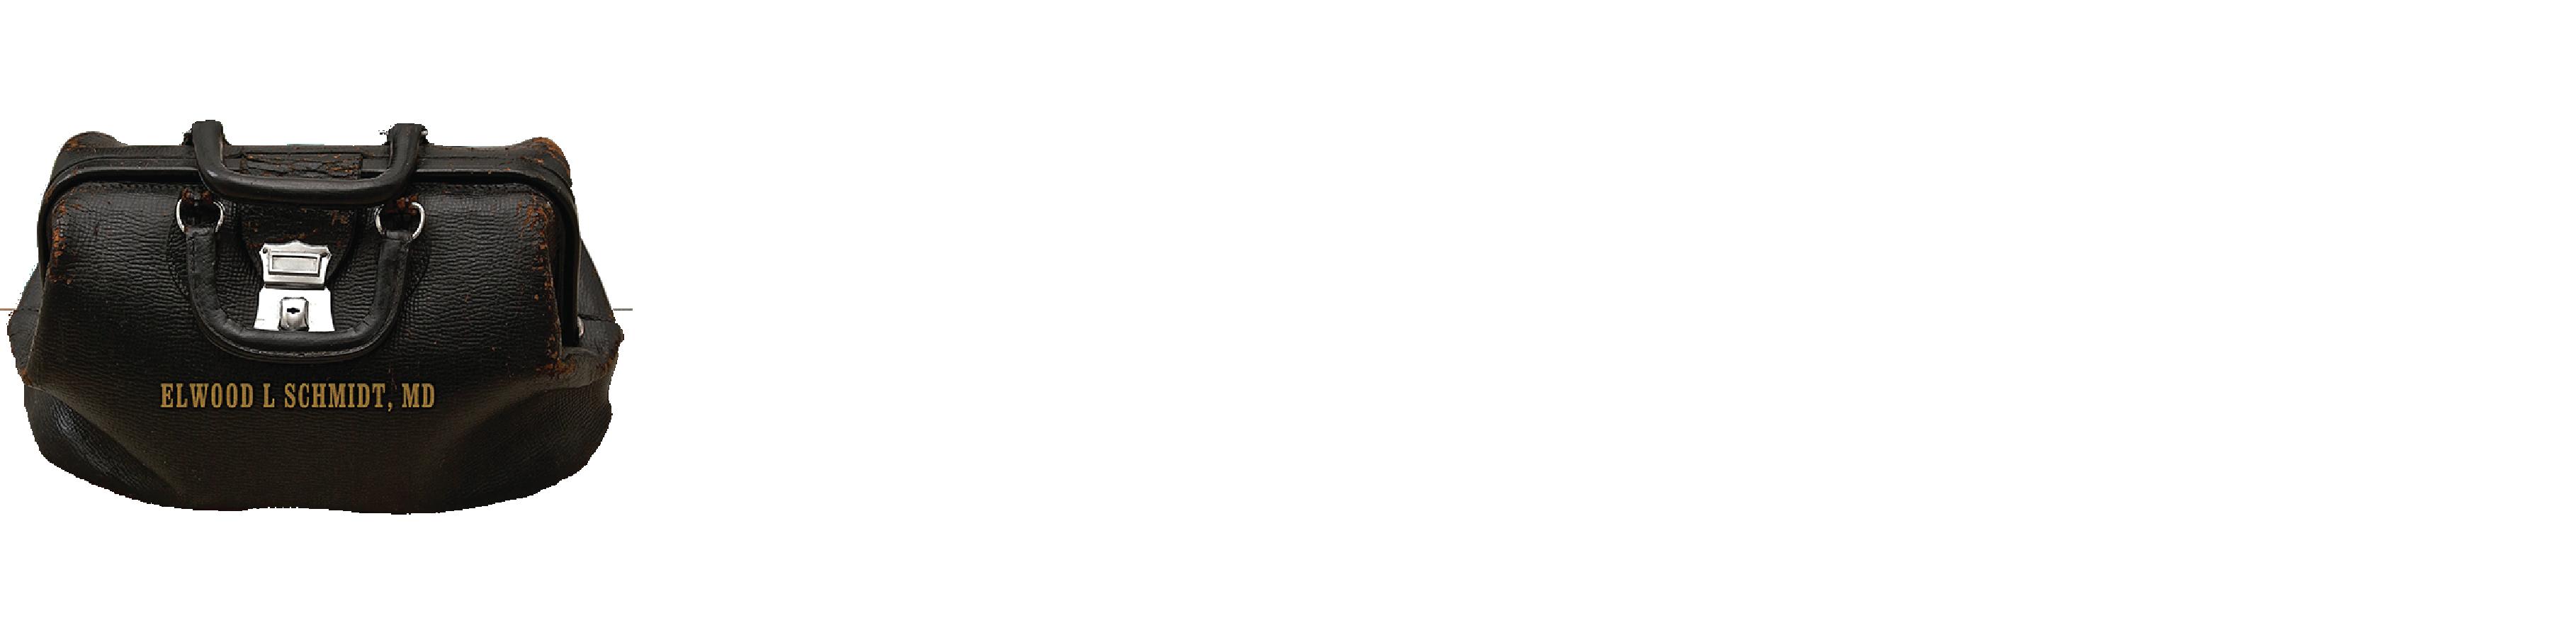 Elwood L. Schmidt, MD